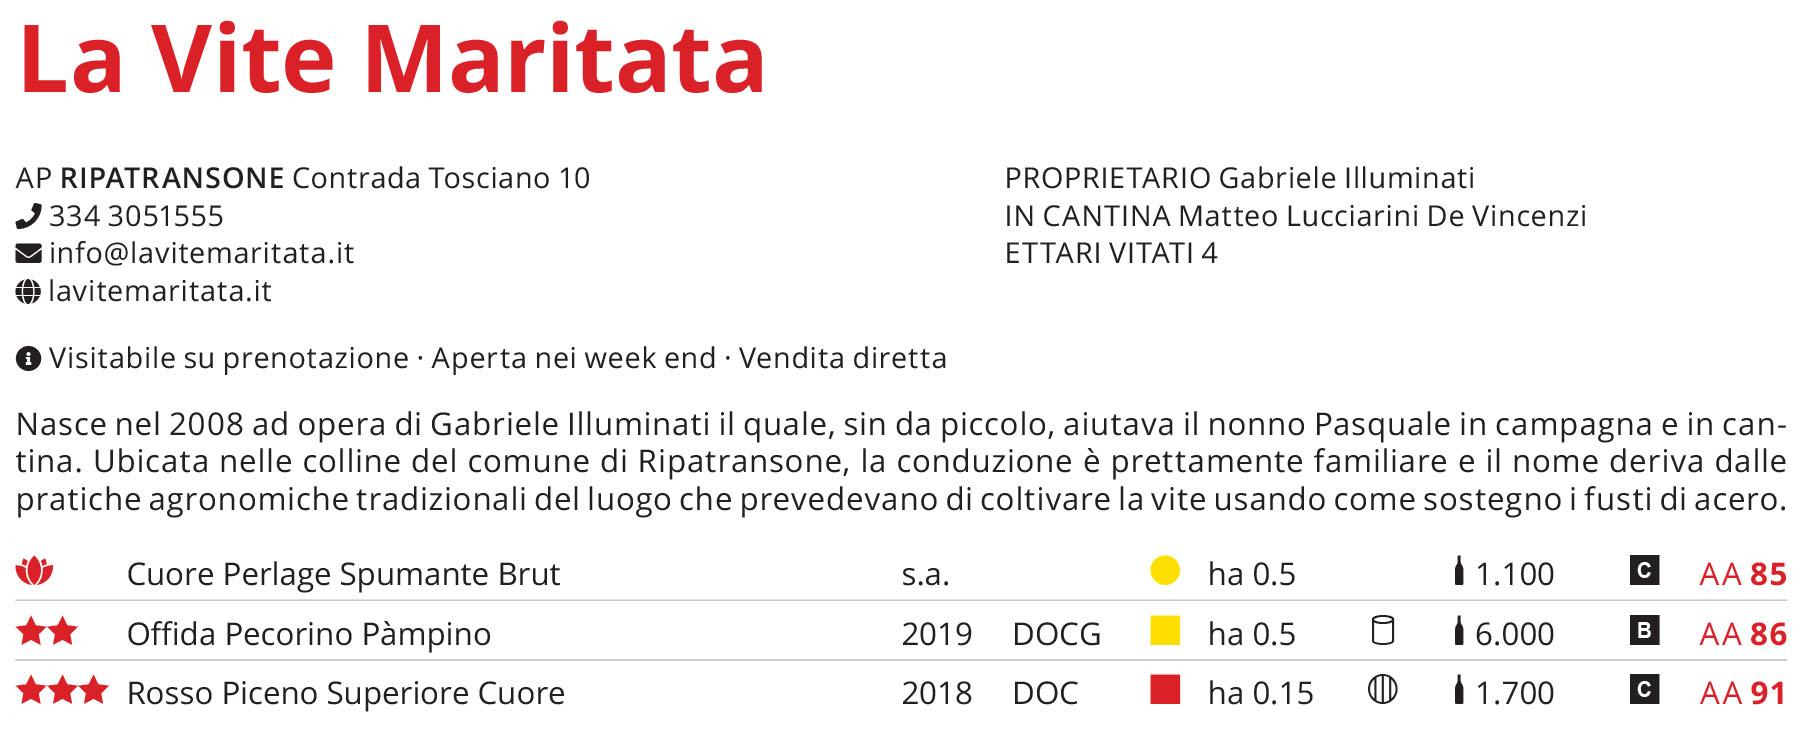 guida_veronelli_2021_la_vite_maritata